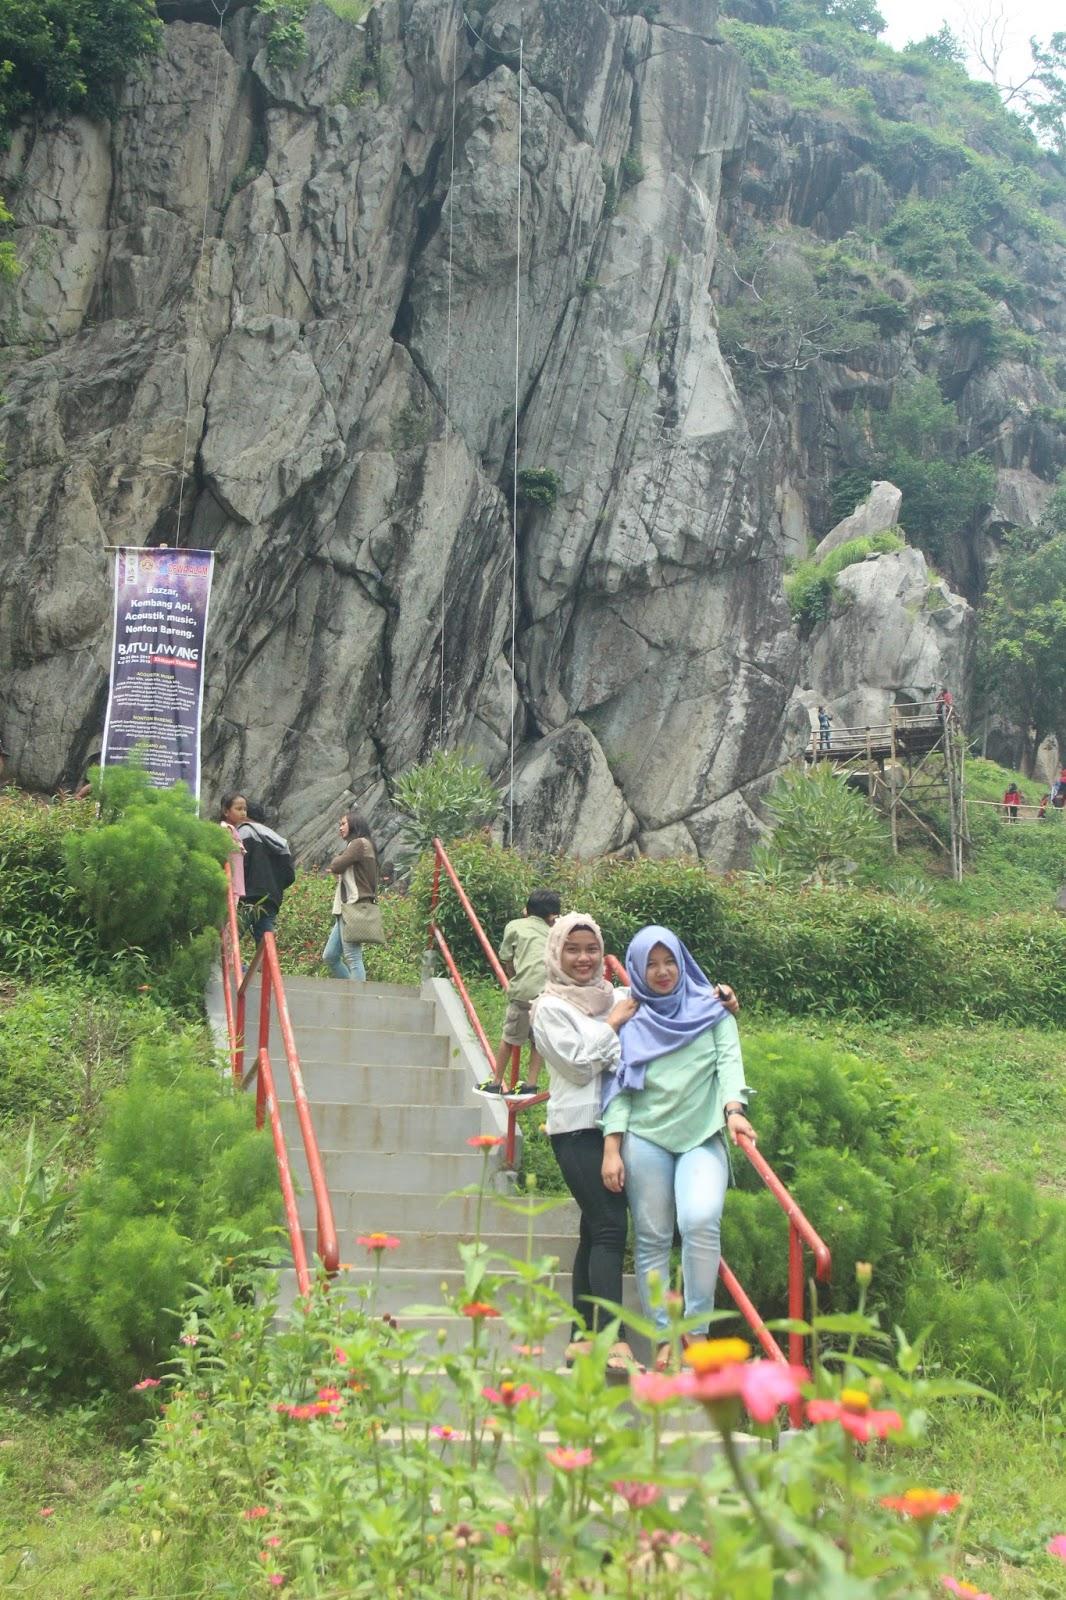 Wisata Batu Lawang